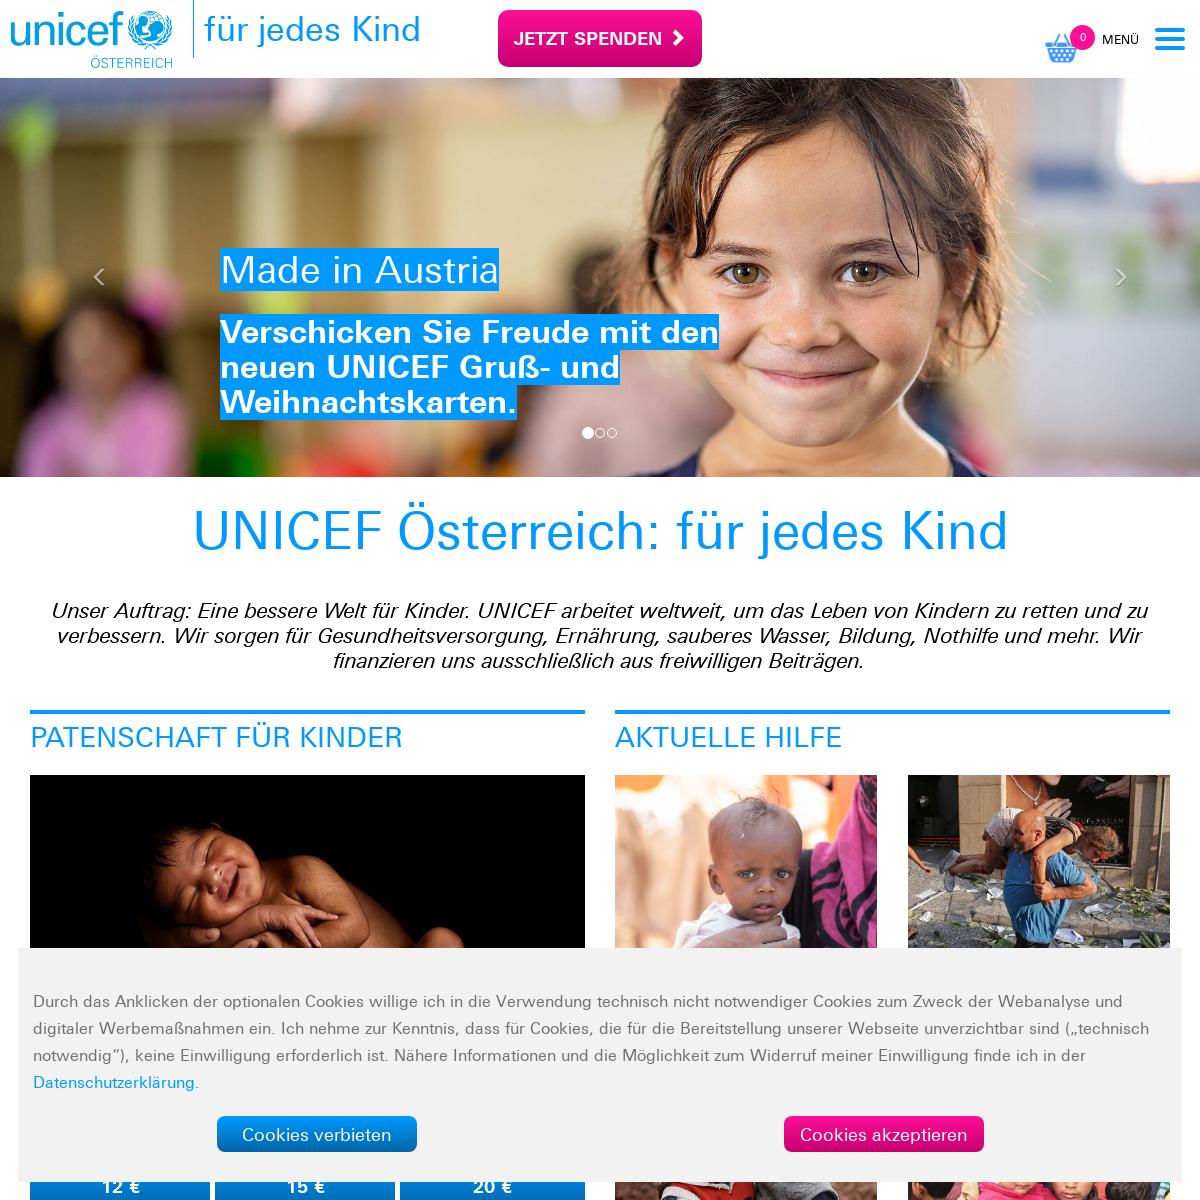 UNICEF Österreich- für jedes Kind - Spende & Patenschaft